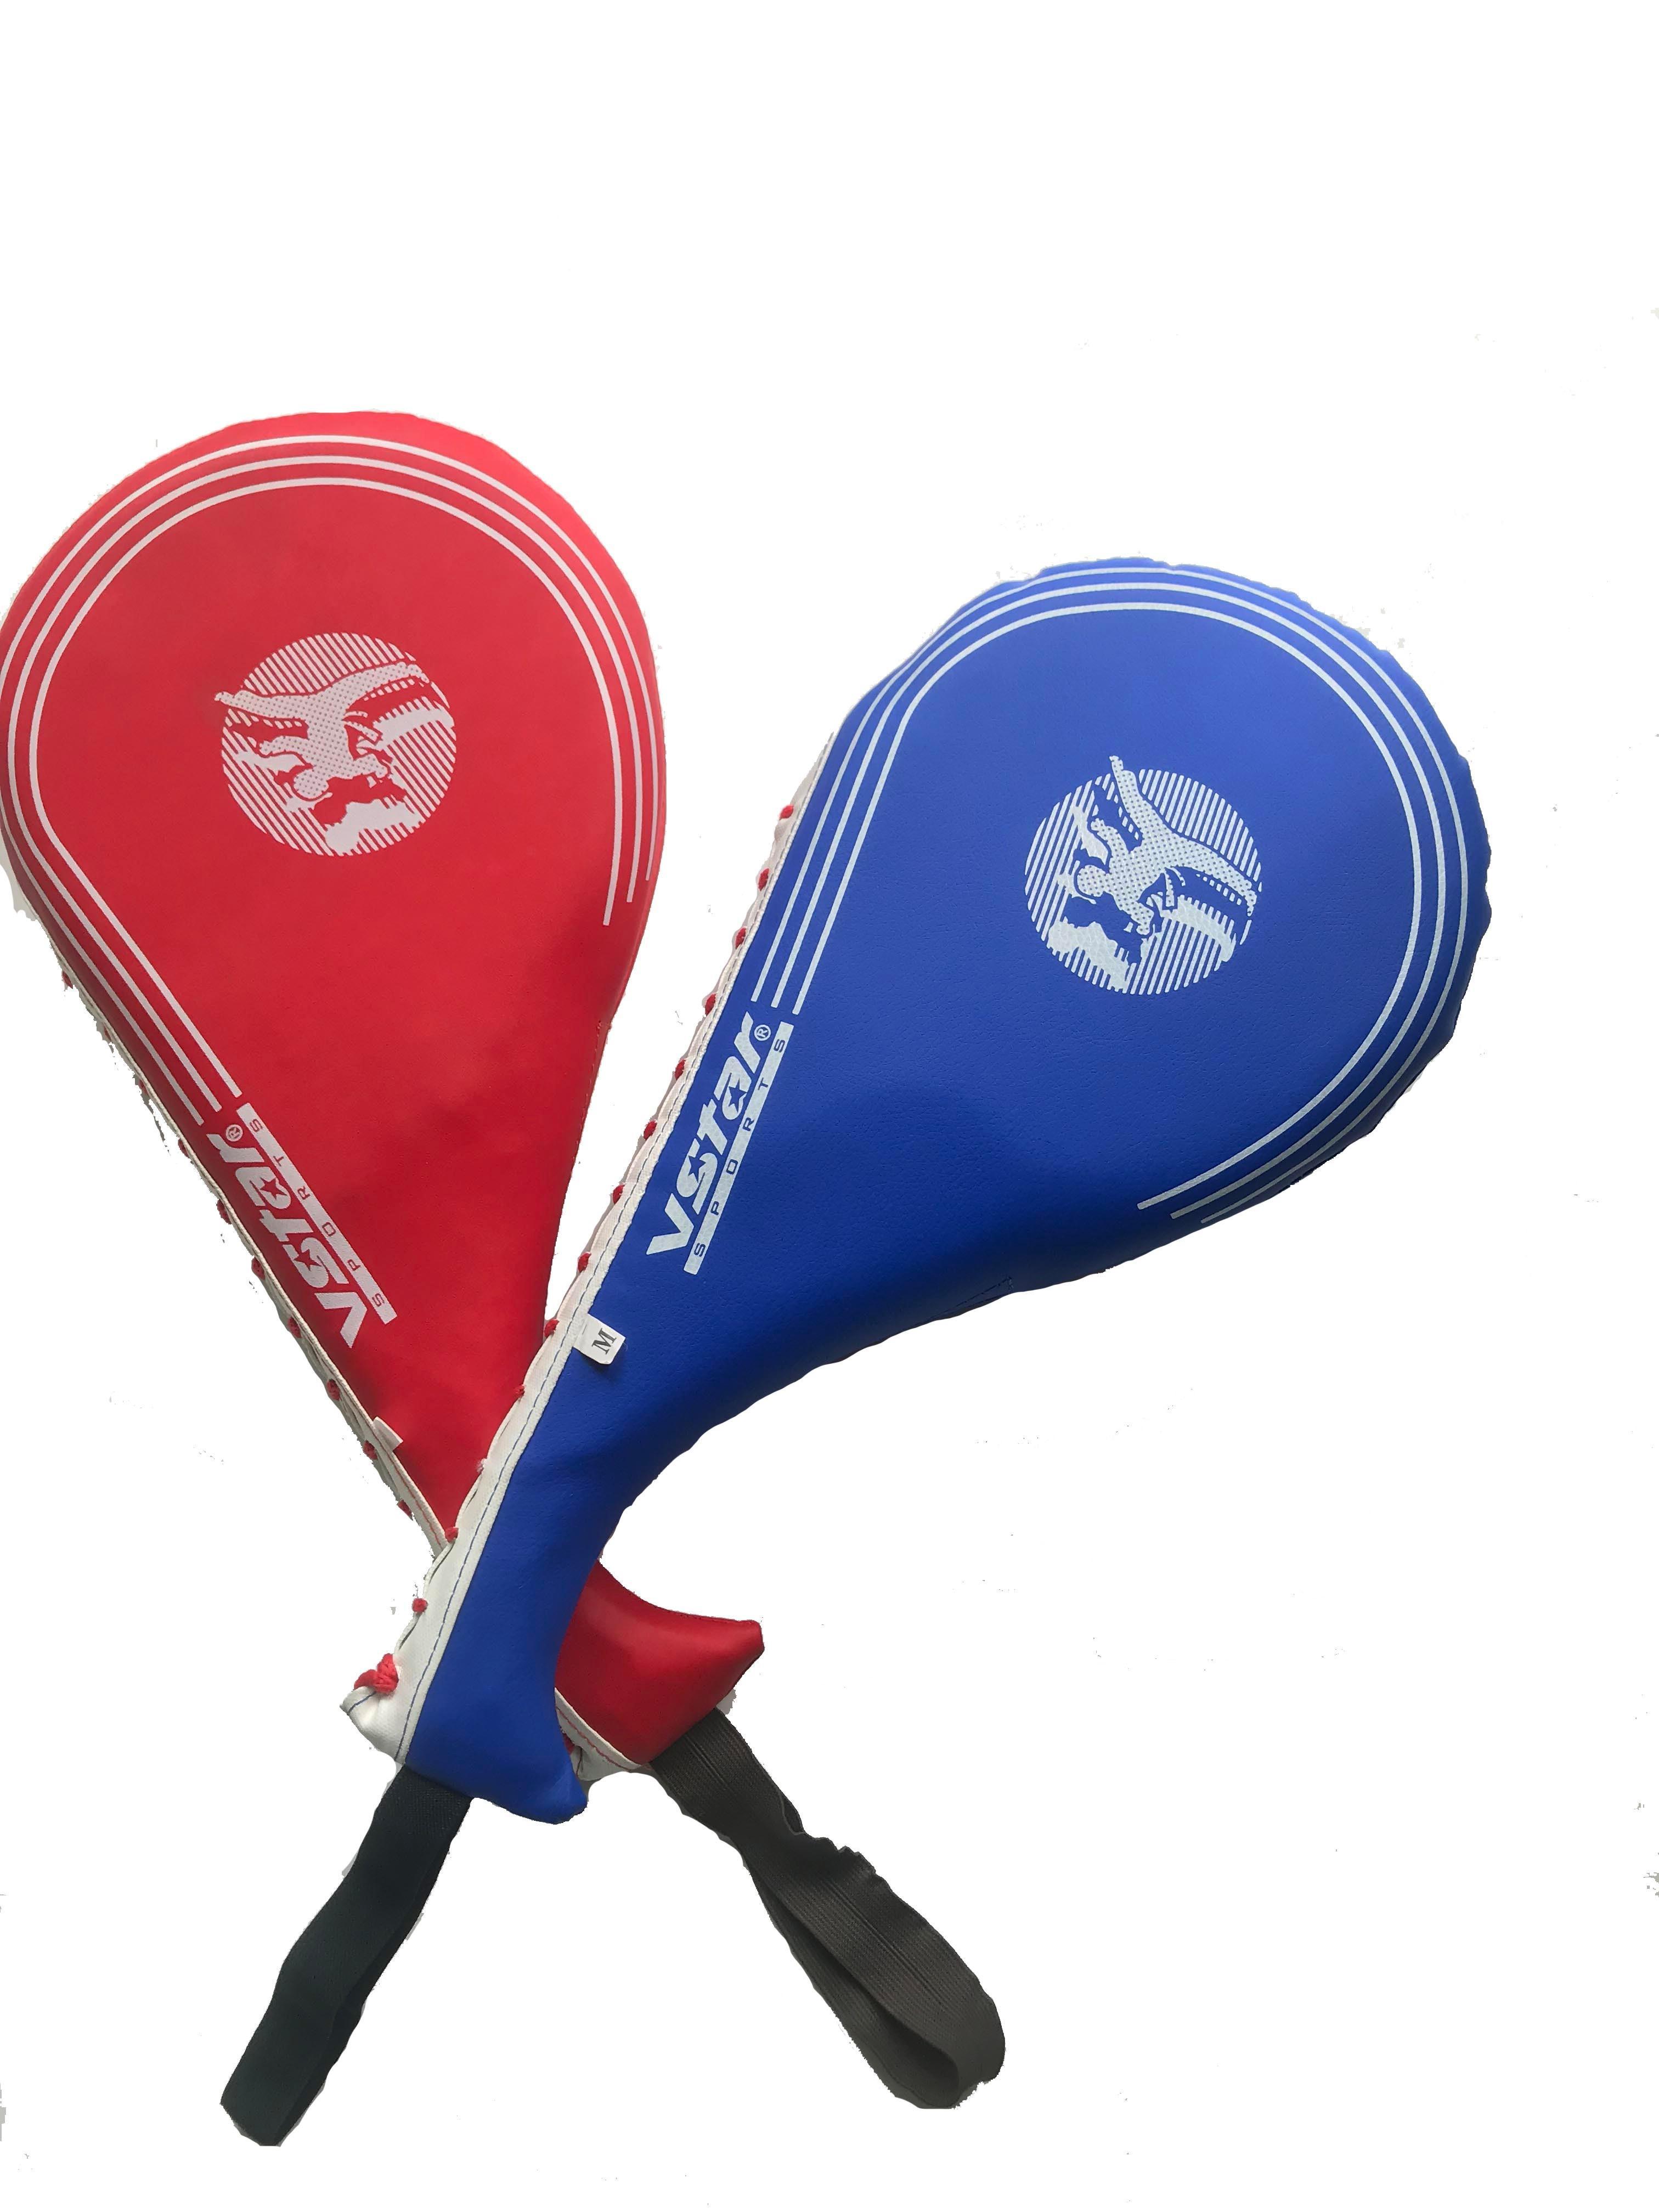 Bộ 2 Vợt Đá Đơn Vstar Binhansport